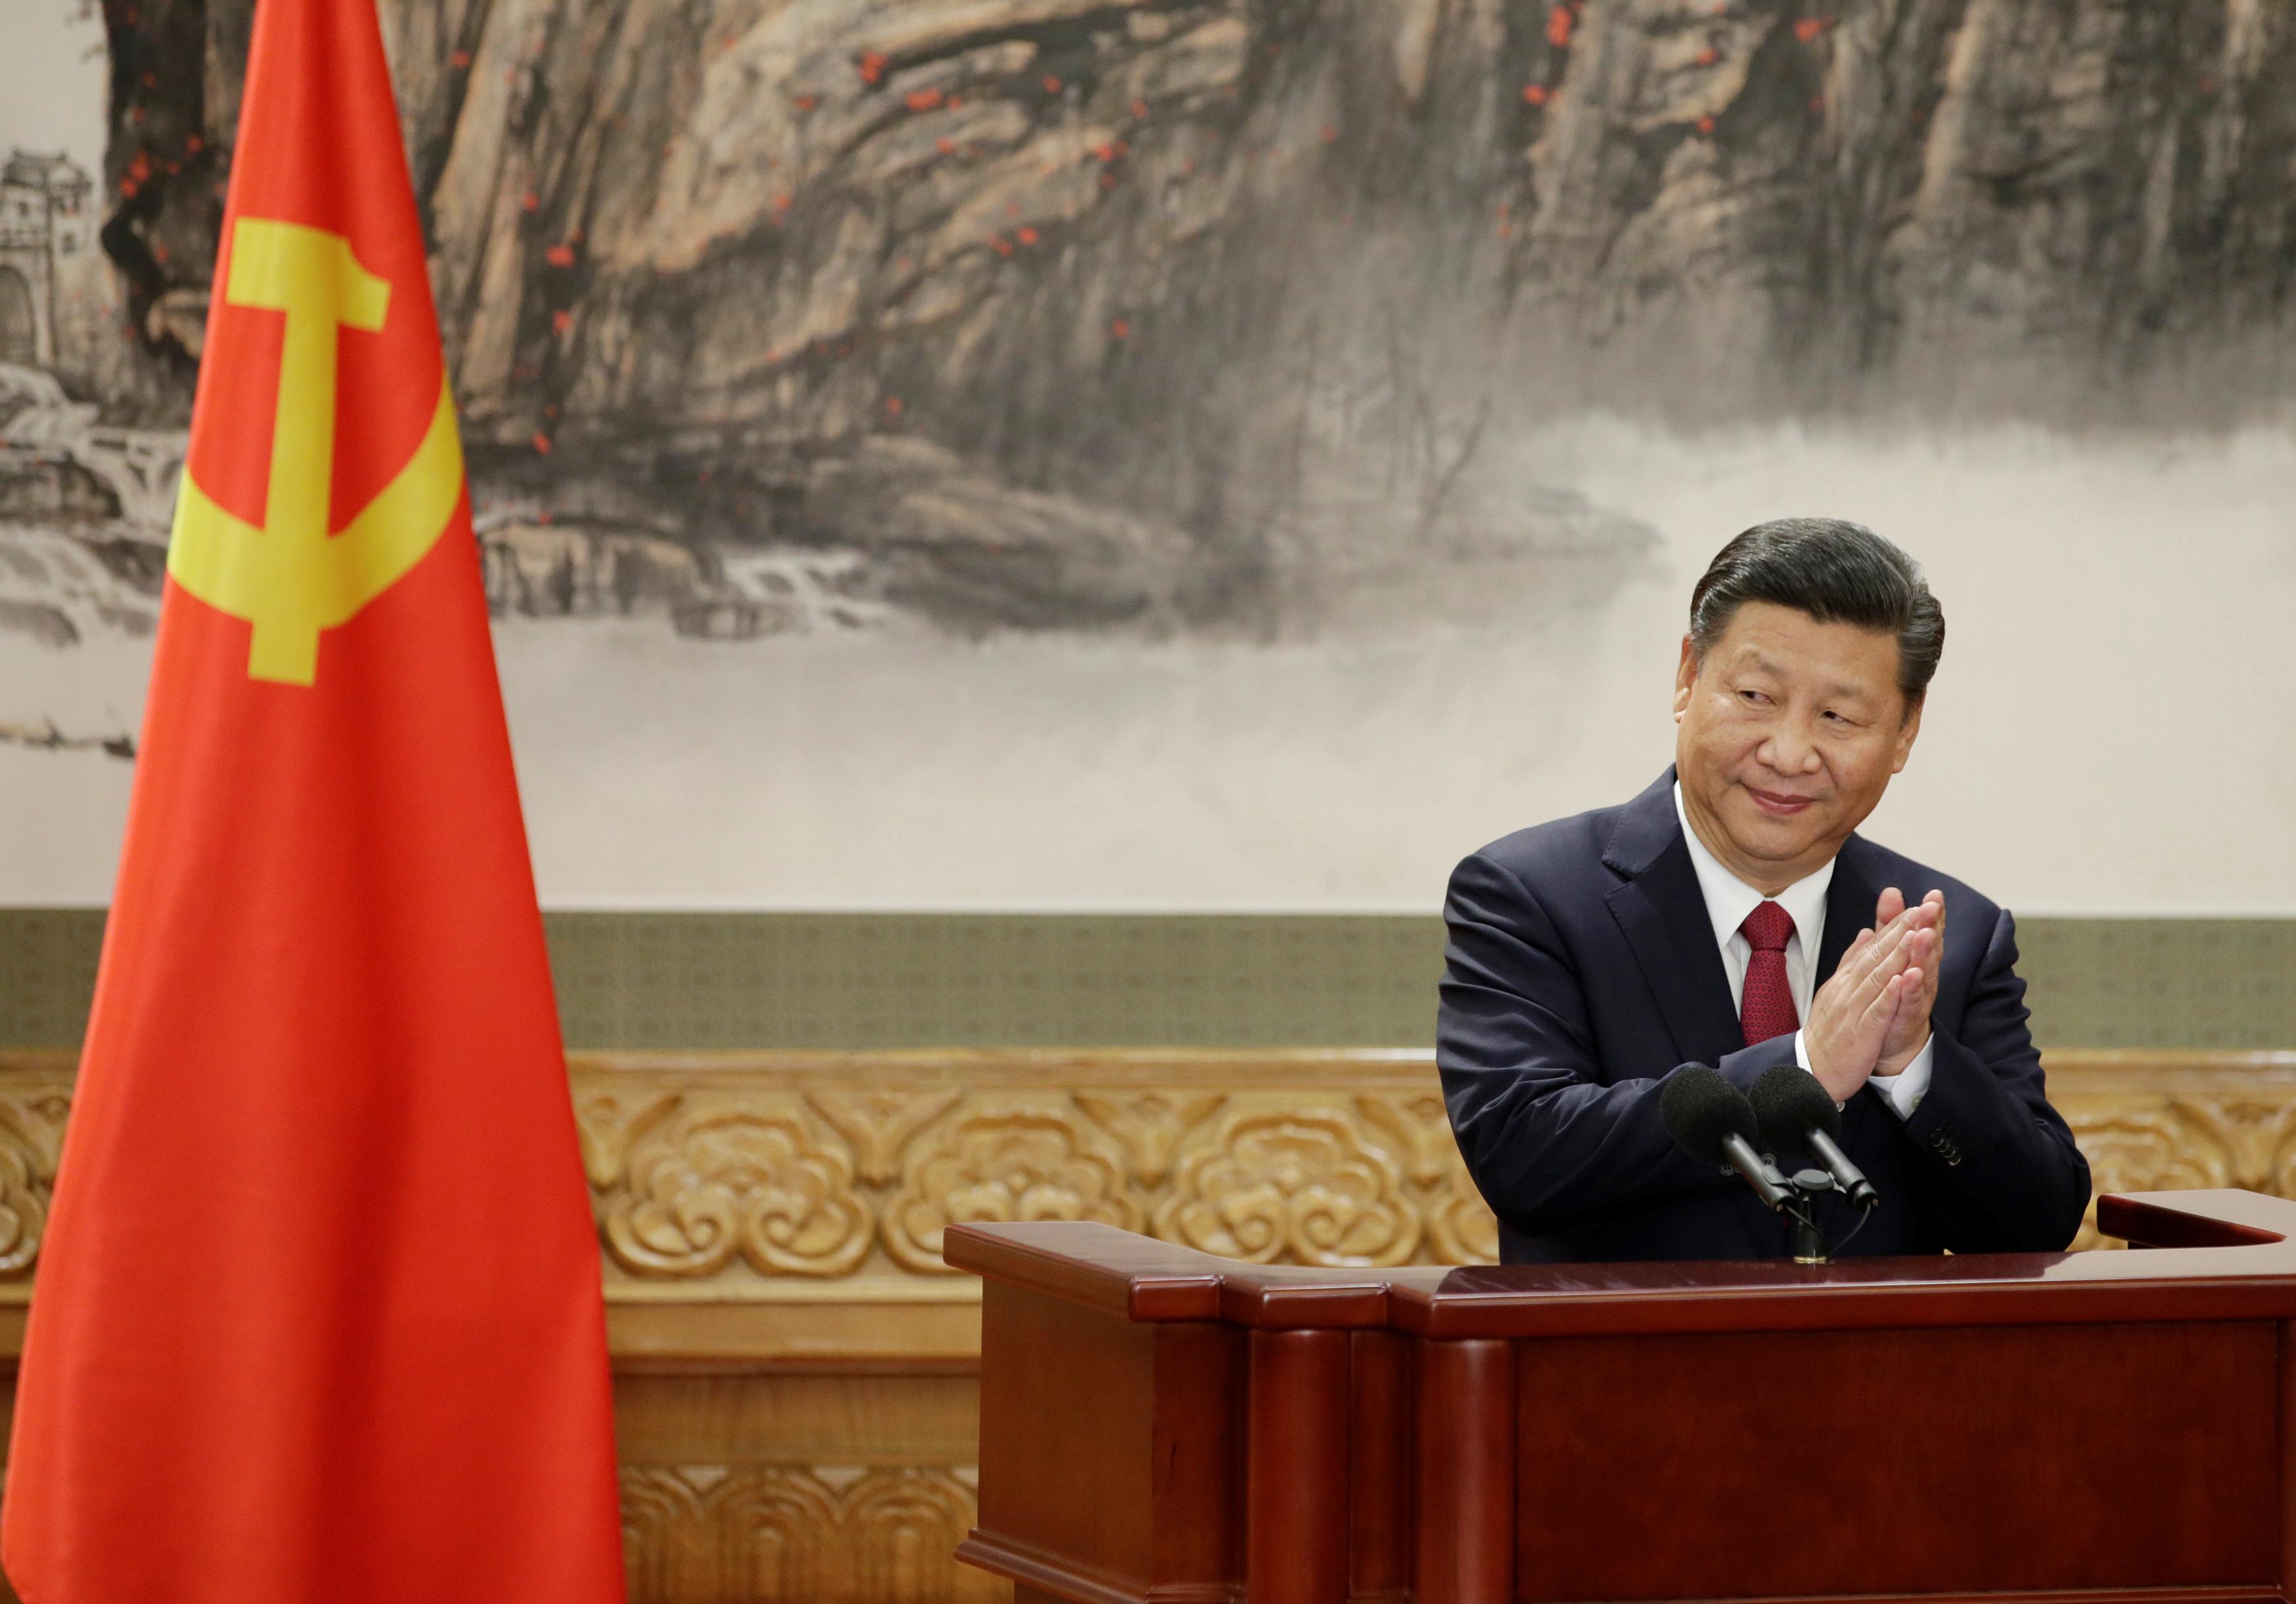 xi-jinping-apparait-de-plus-en-plus-comme-le-dirigeant-le-plus-puissant-depuis-mao